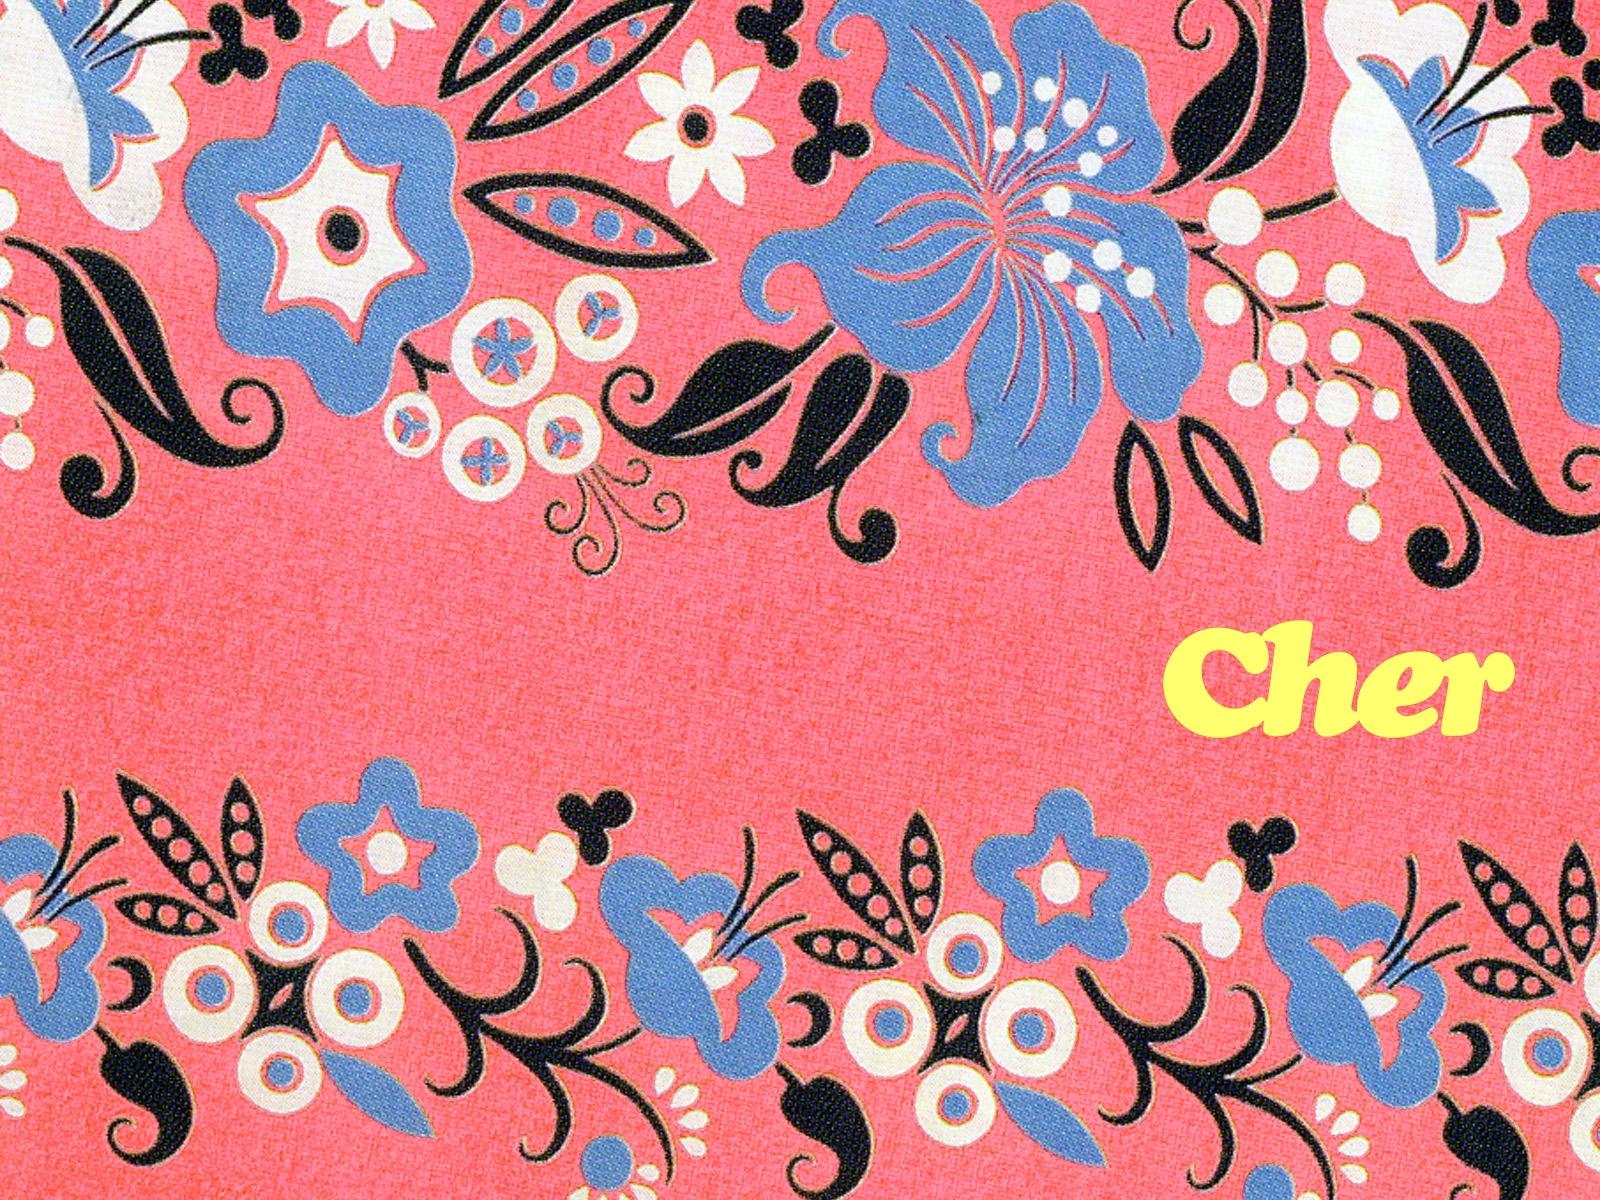 可愛いピンク色の柄模様壁紙 Ramica